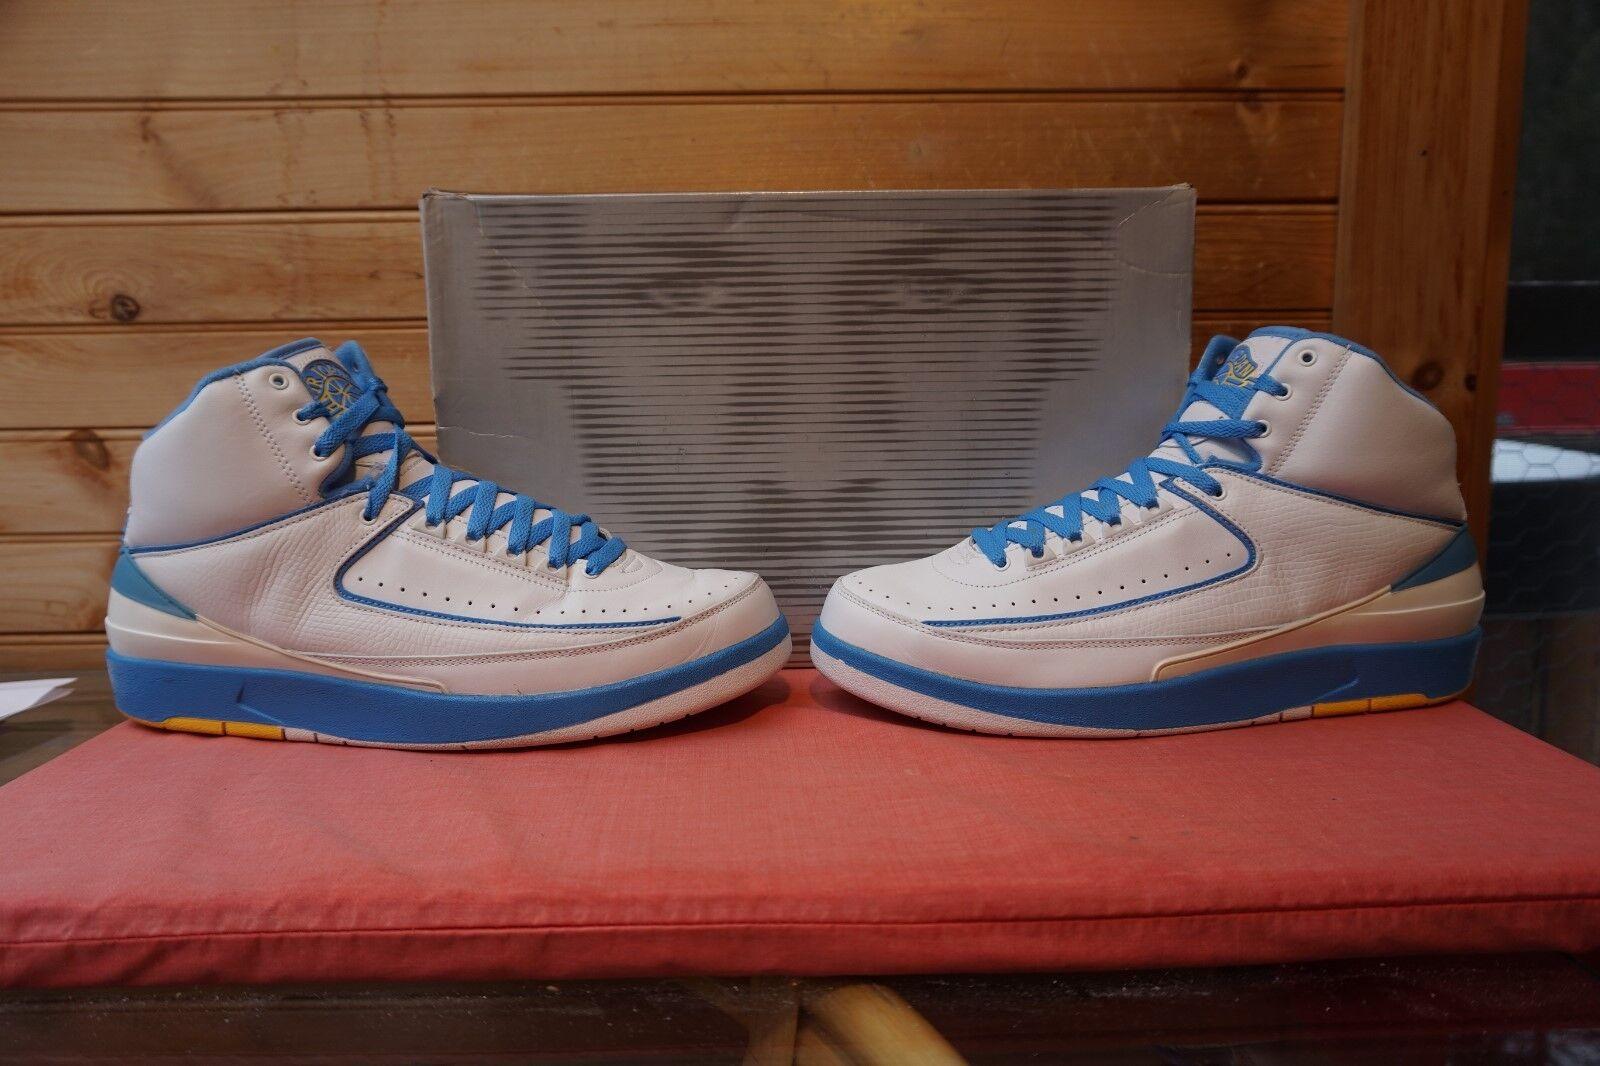 2004 Nike Air Jordan 2 Retro  Carmelo  Sz 12 (0635) 308308-141